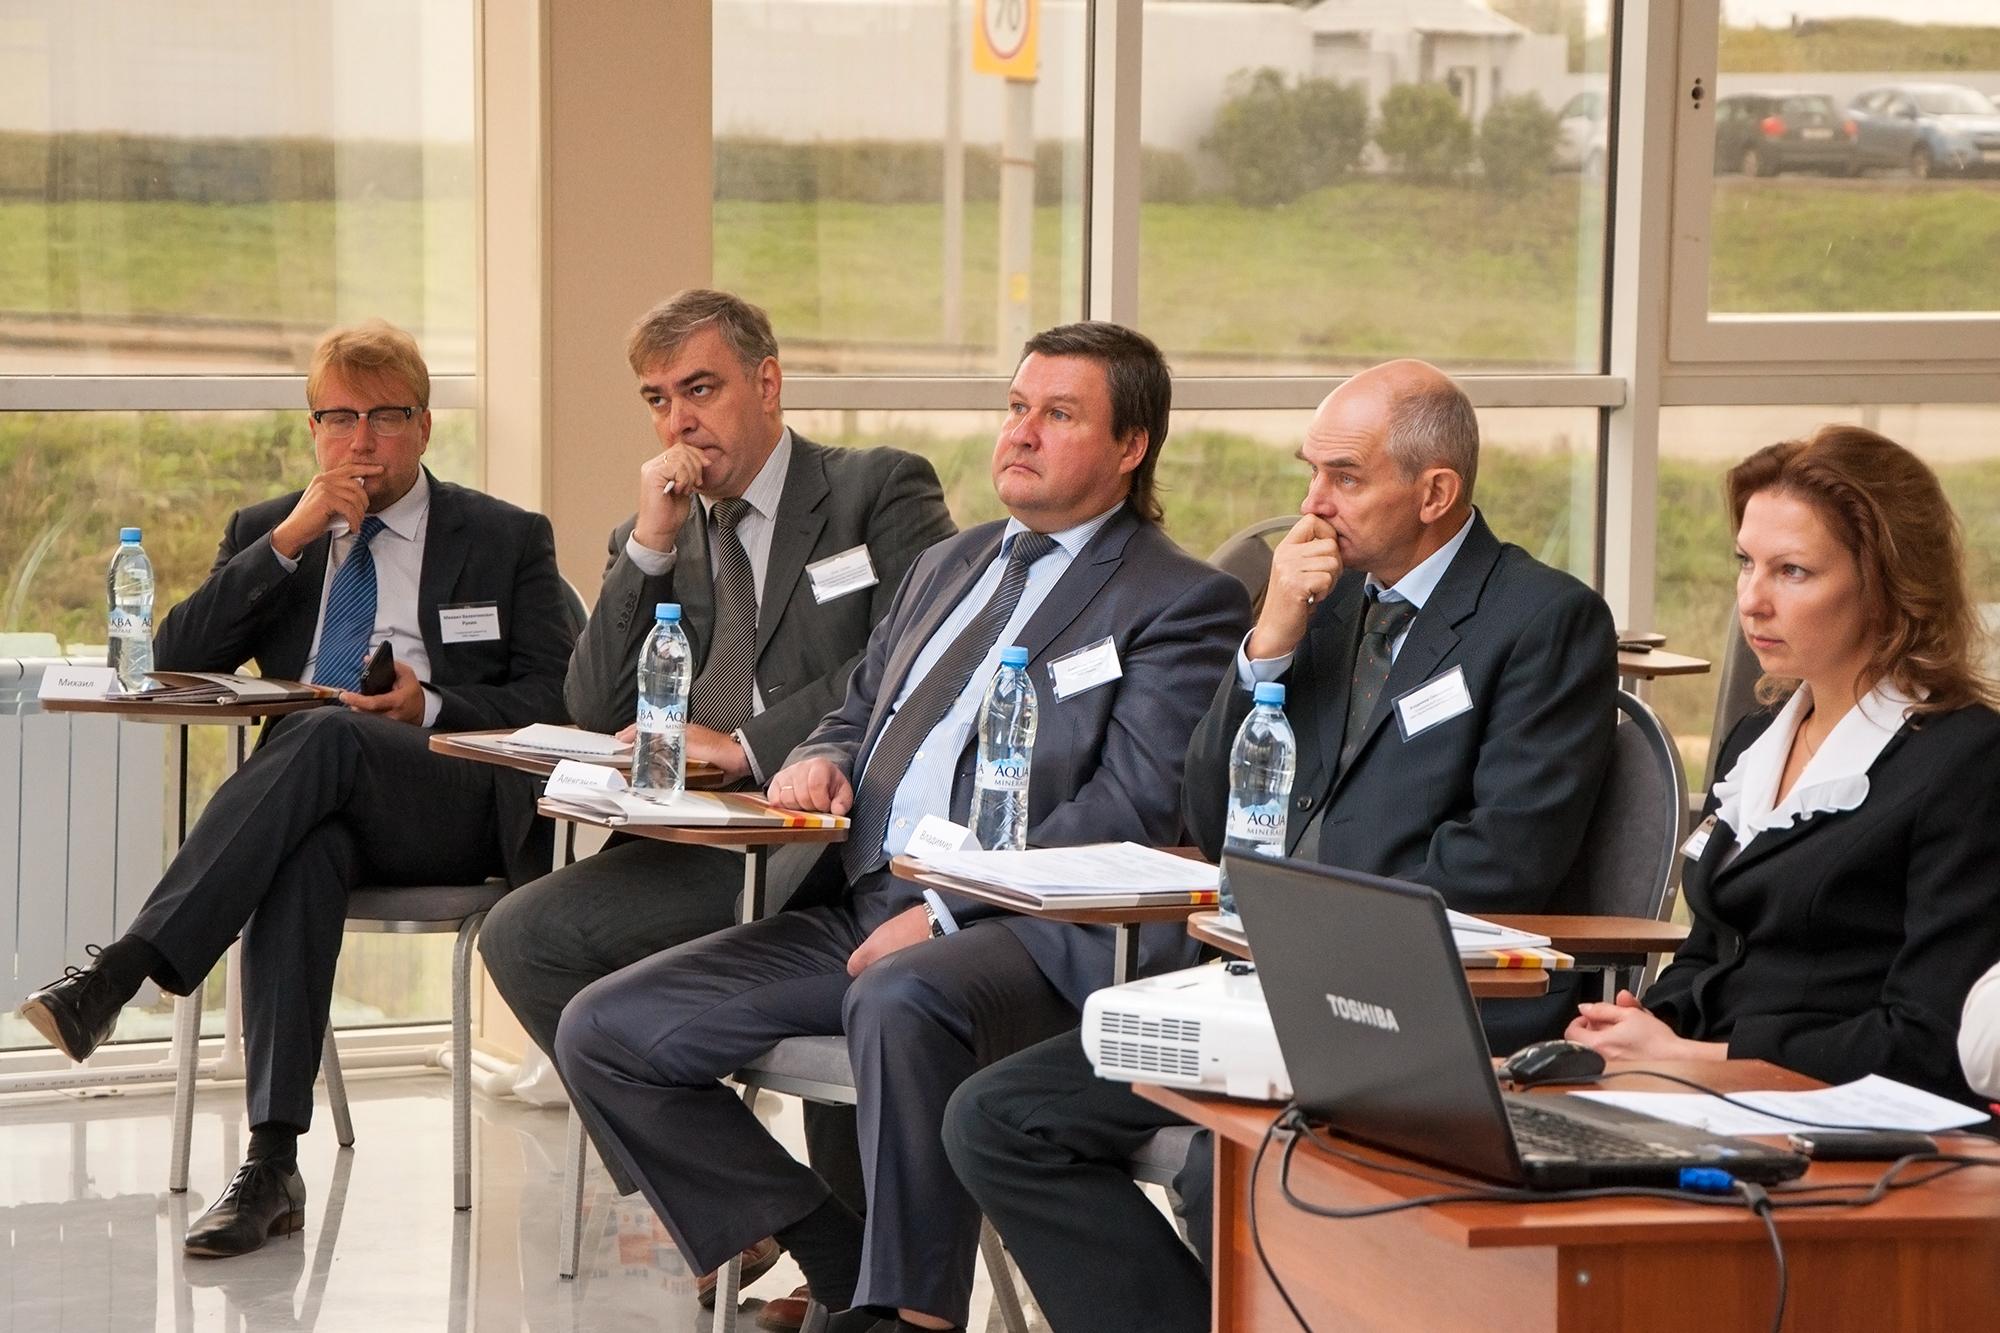 В МФЦ-112 прошел круглый стол на тему повышения конкурентоспособности предприятий пожарно-спасательной отрасли